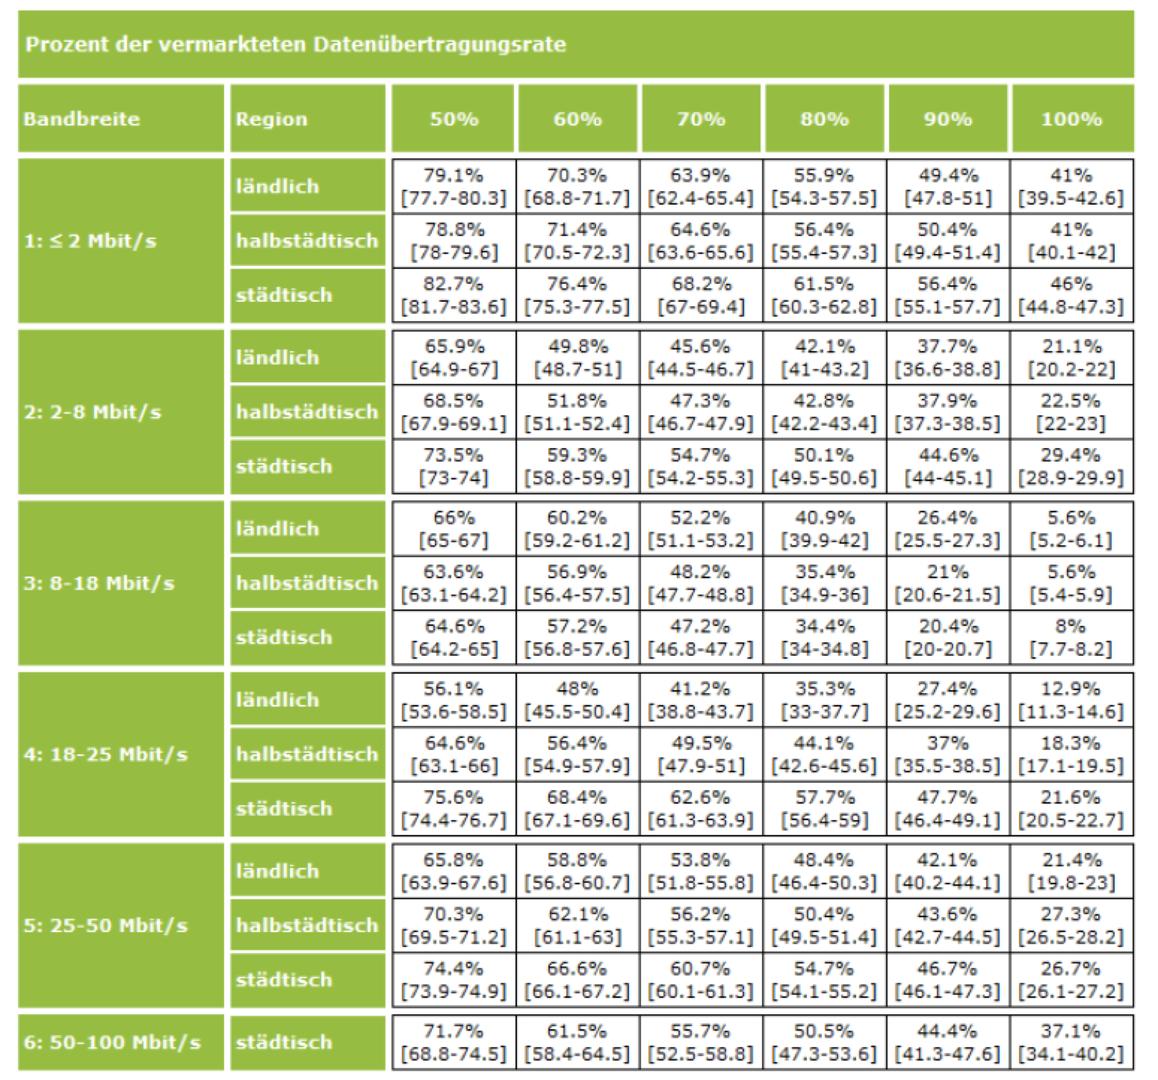 Erreichter Anteil an der vermarkteten Übertragungsraten nach Bandbreite und Region